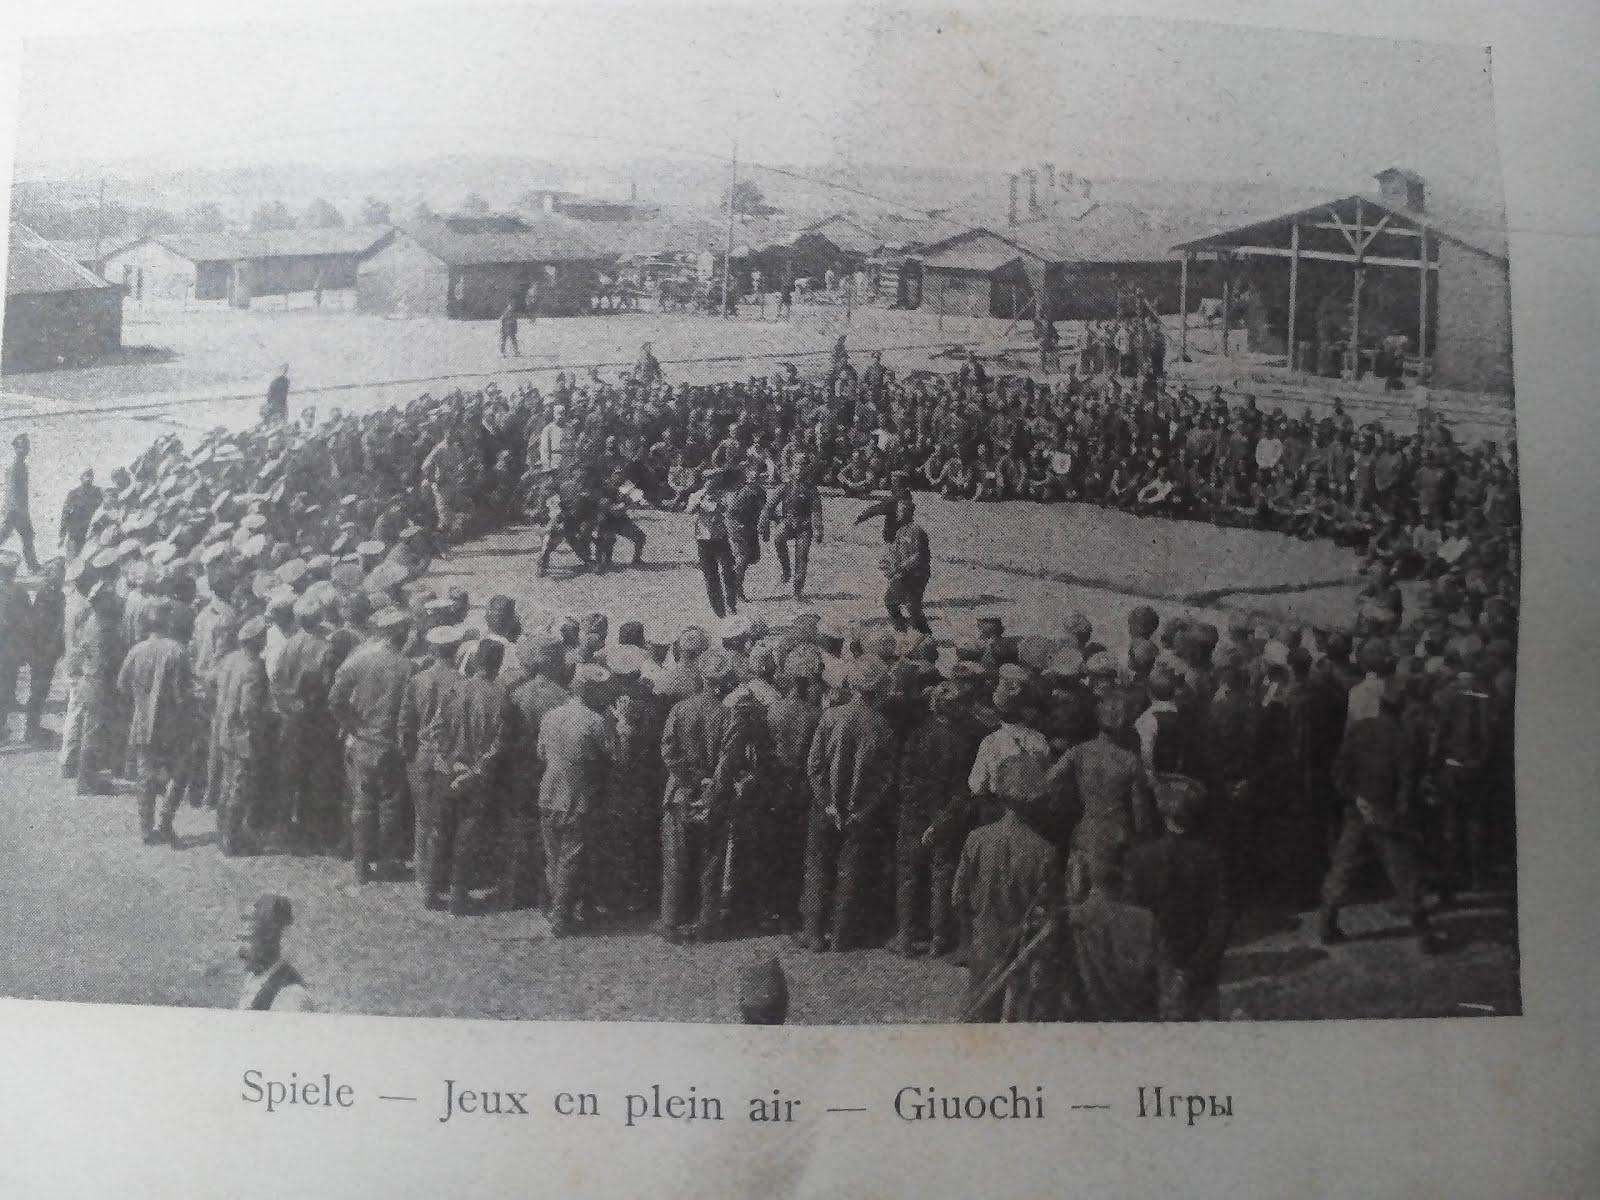 Ricerca Campi di concentramento Austroungarici